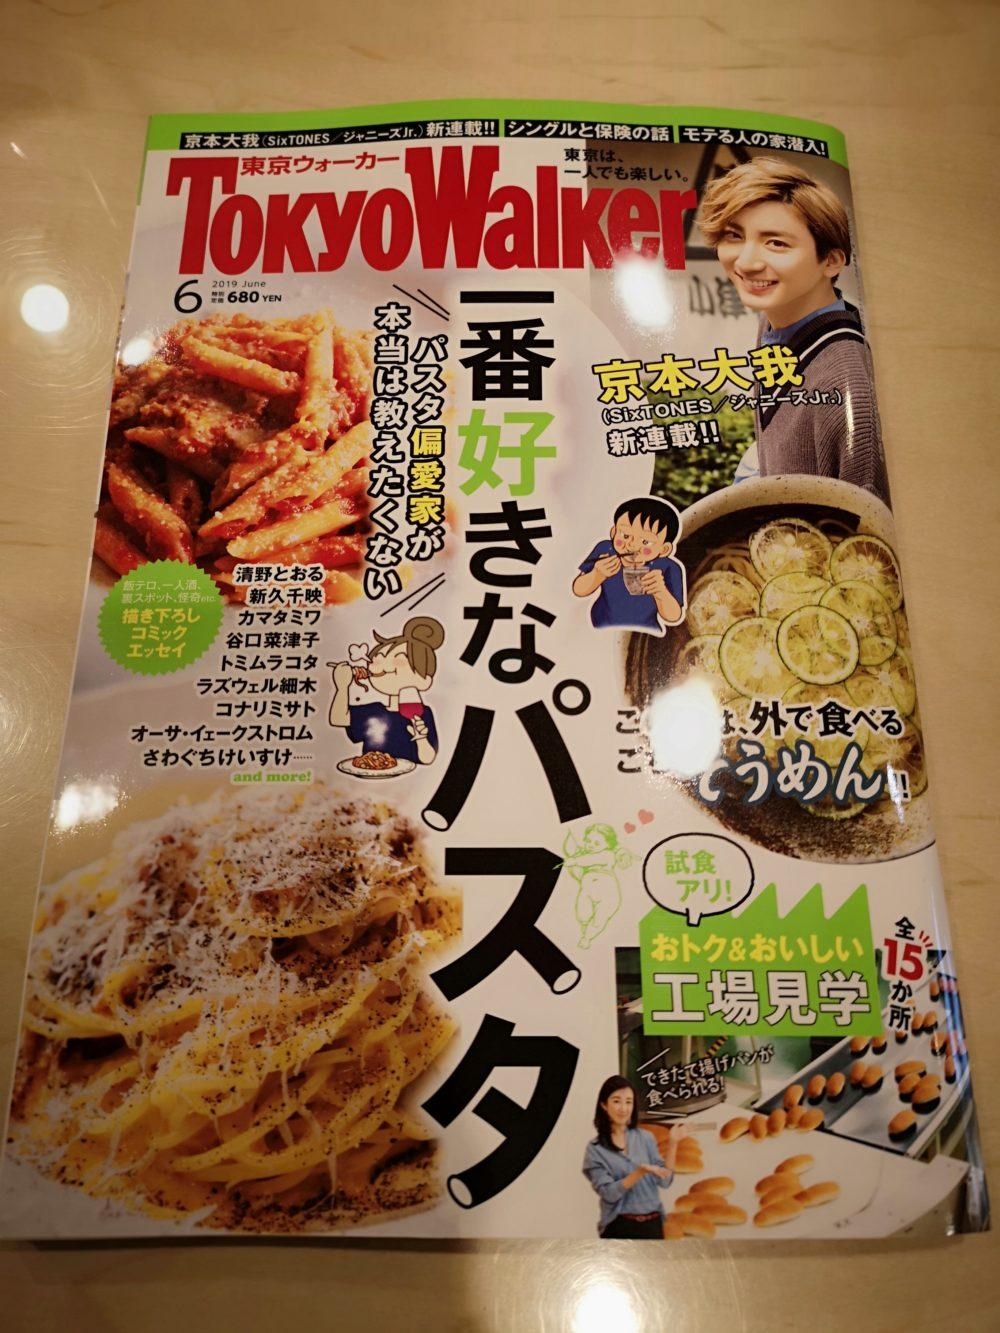 「東京ウォーカー / Tokyo Walker 6月号」に大成食品株式会社が紹介されました!